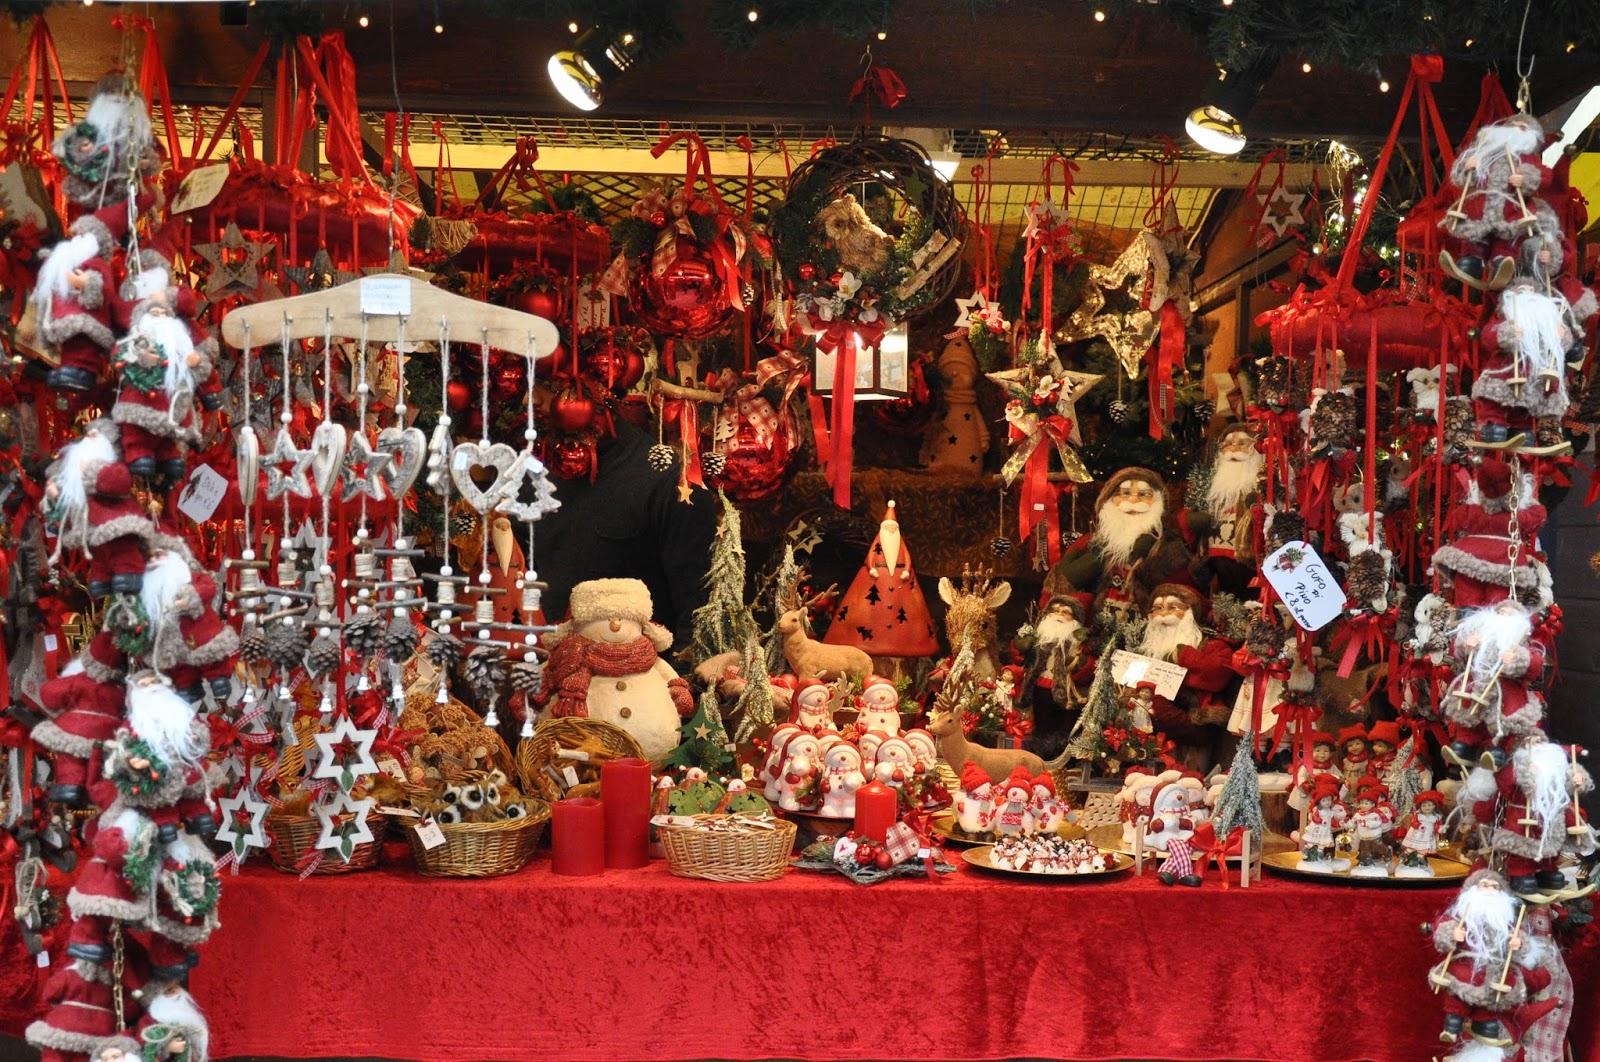 At the German Christmas market, Verona, Veneto, Italy